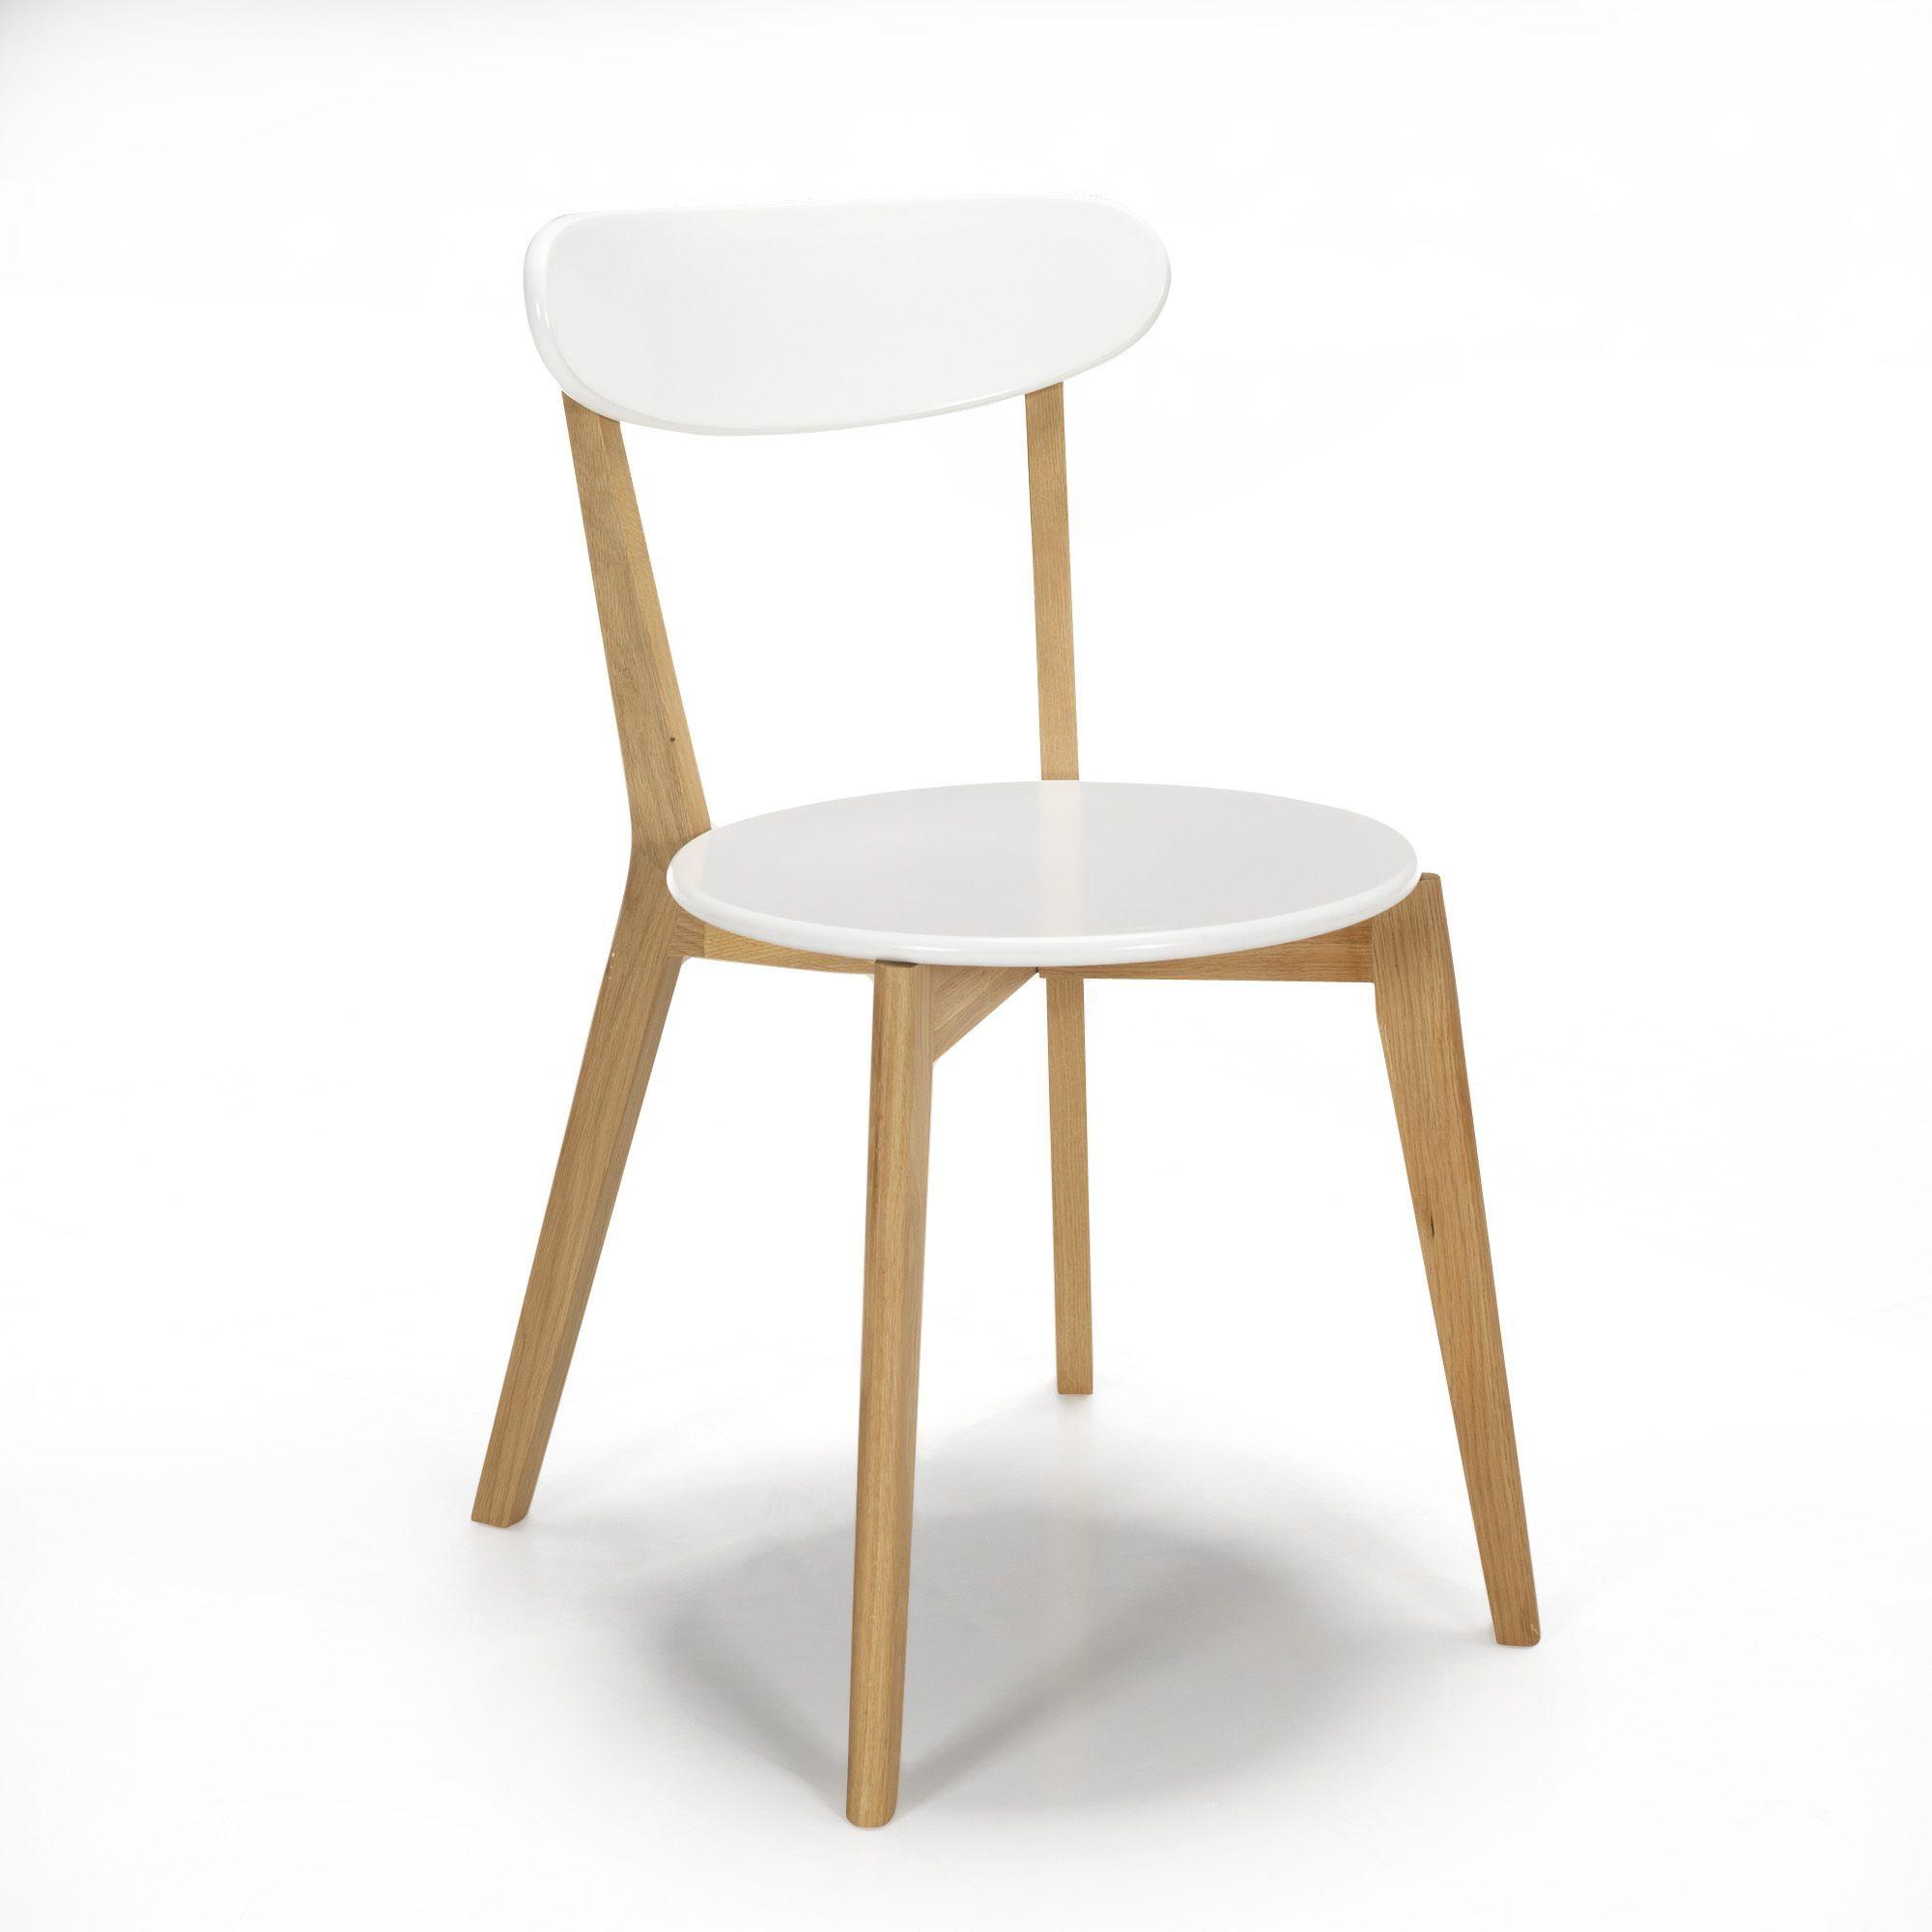 Chaise Design Scandinave Coloris Blanc Blanc Siwa Les Chaises